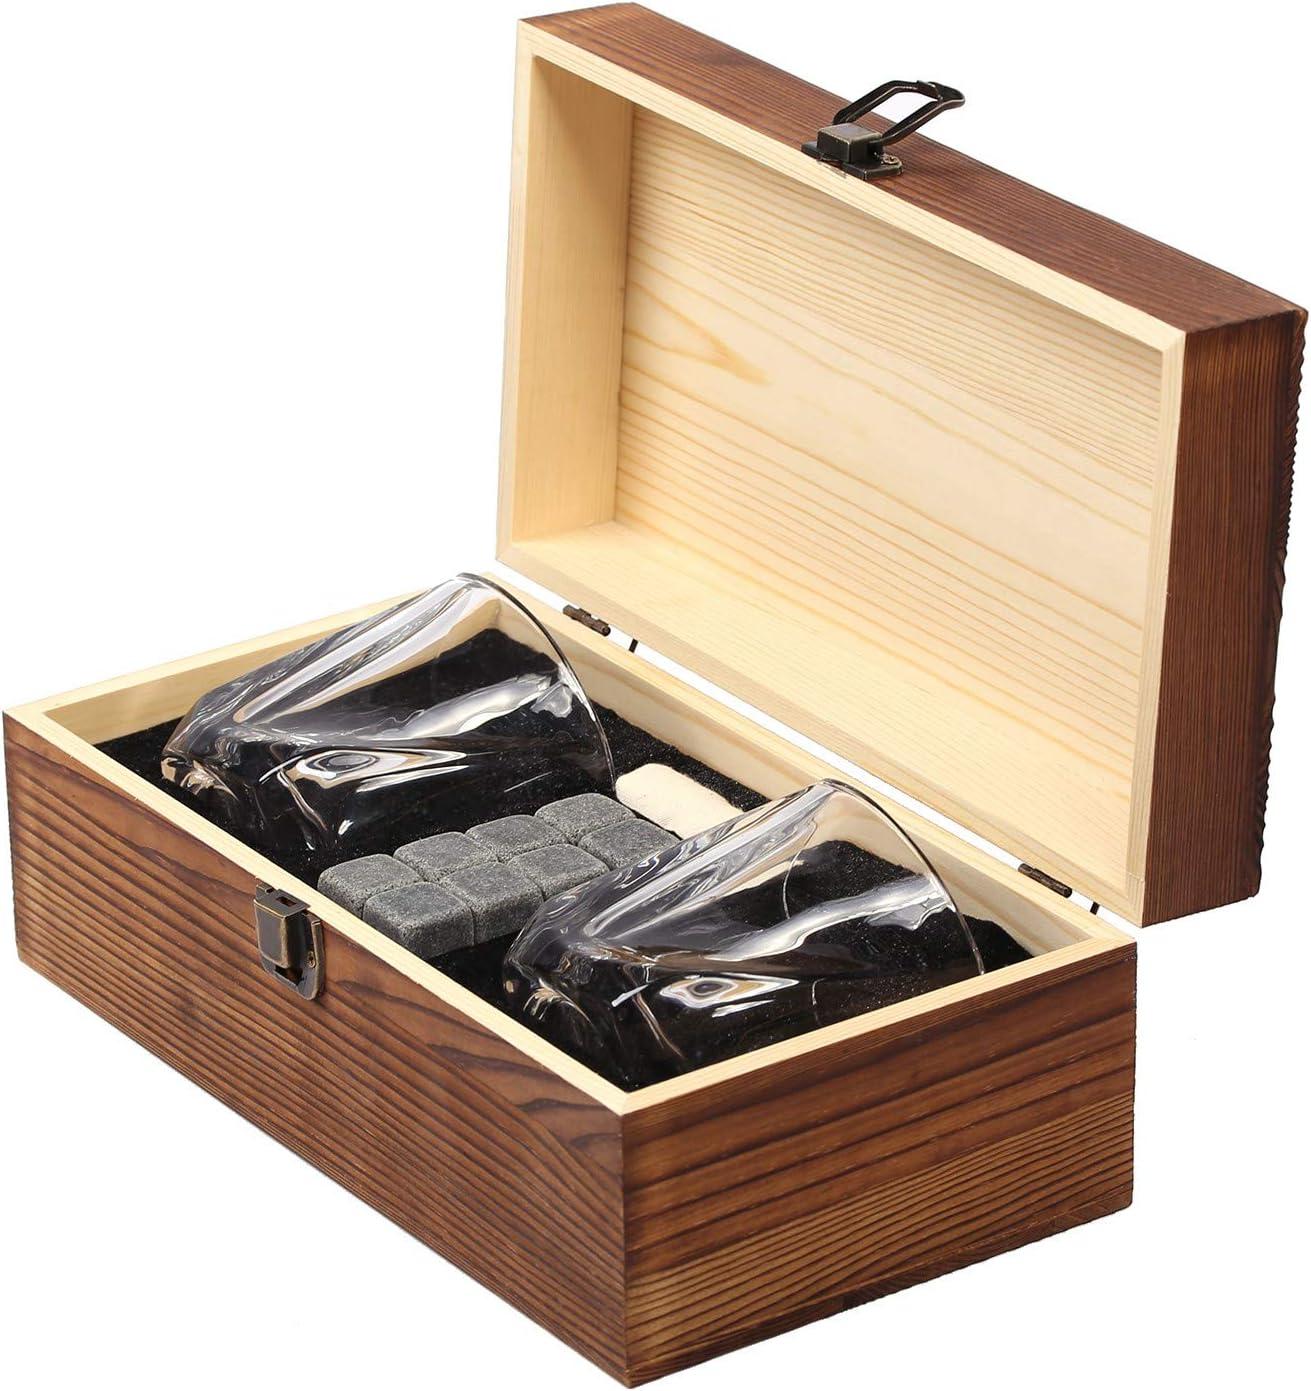 8 K/ühlsteine Geschenkidee FORYOU24 Personalisierte Whisky-Geschenk-Box aus Holz mit Gravur des Namens Motiv 01 2 Whiskeygl/äser